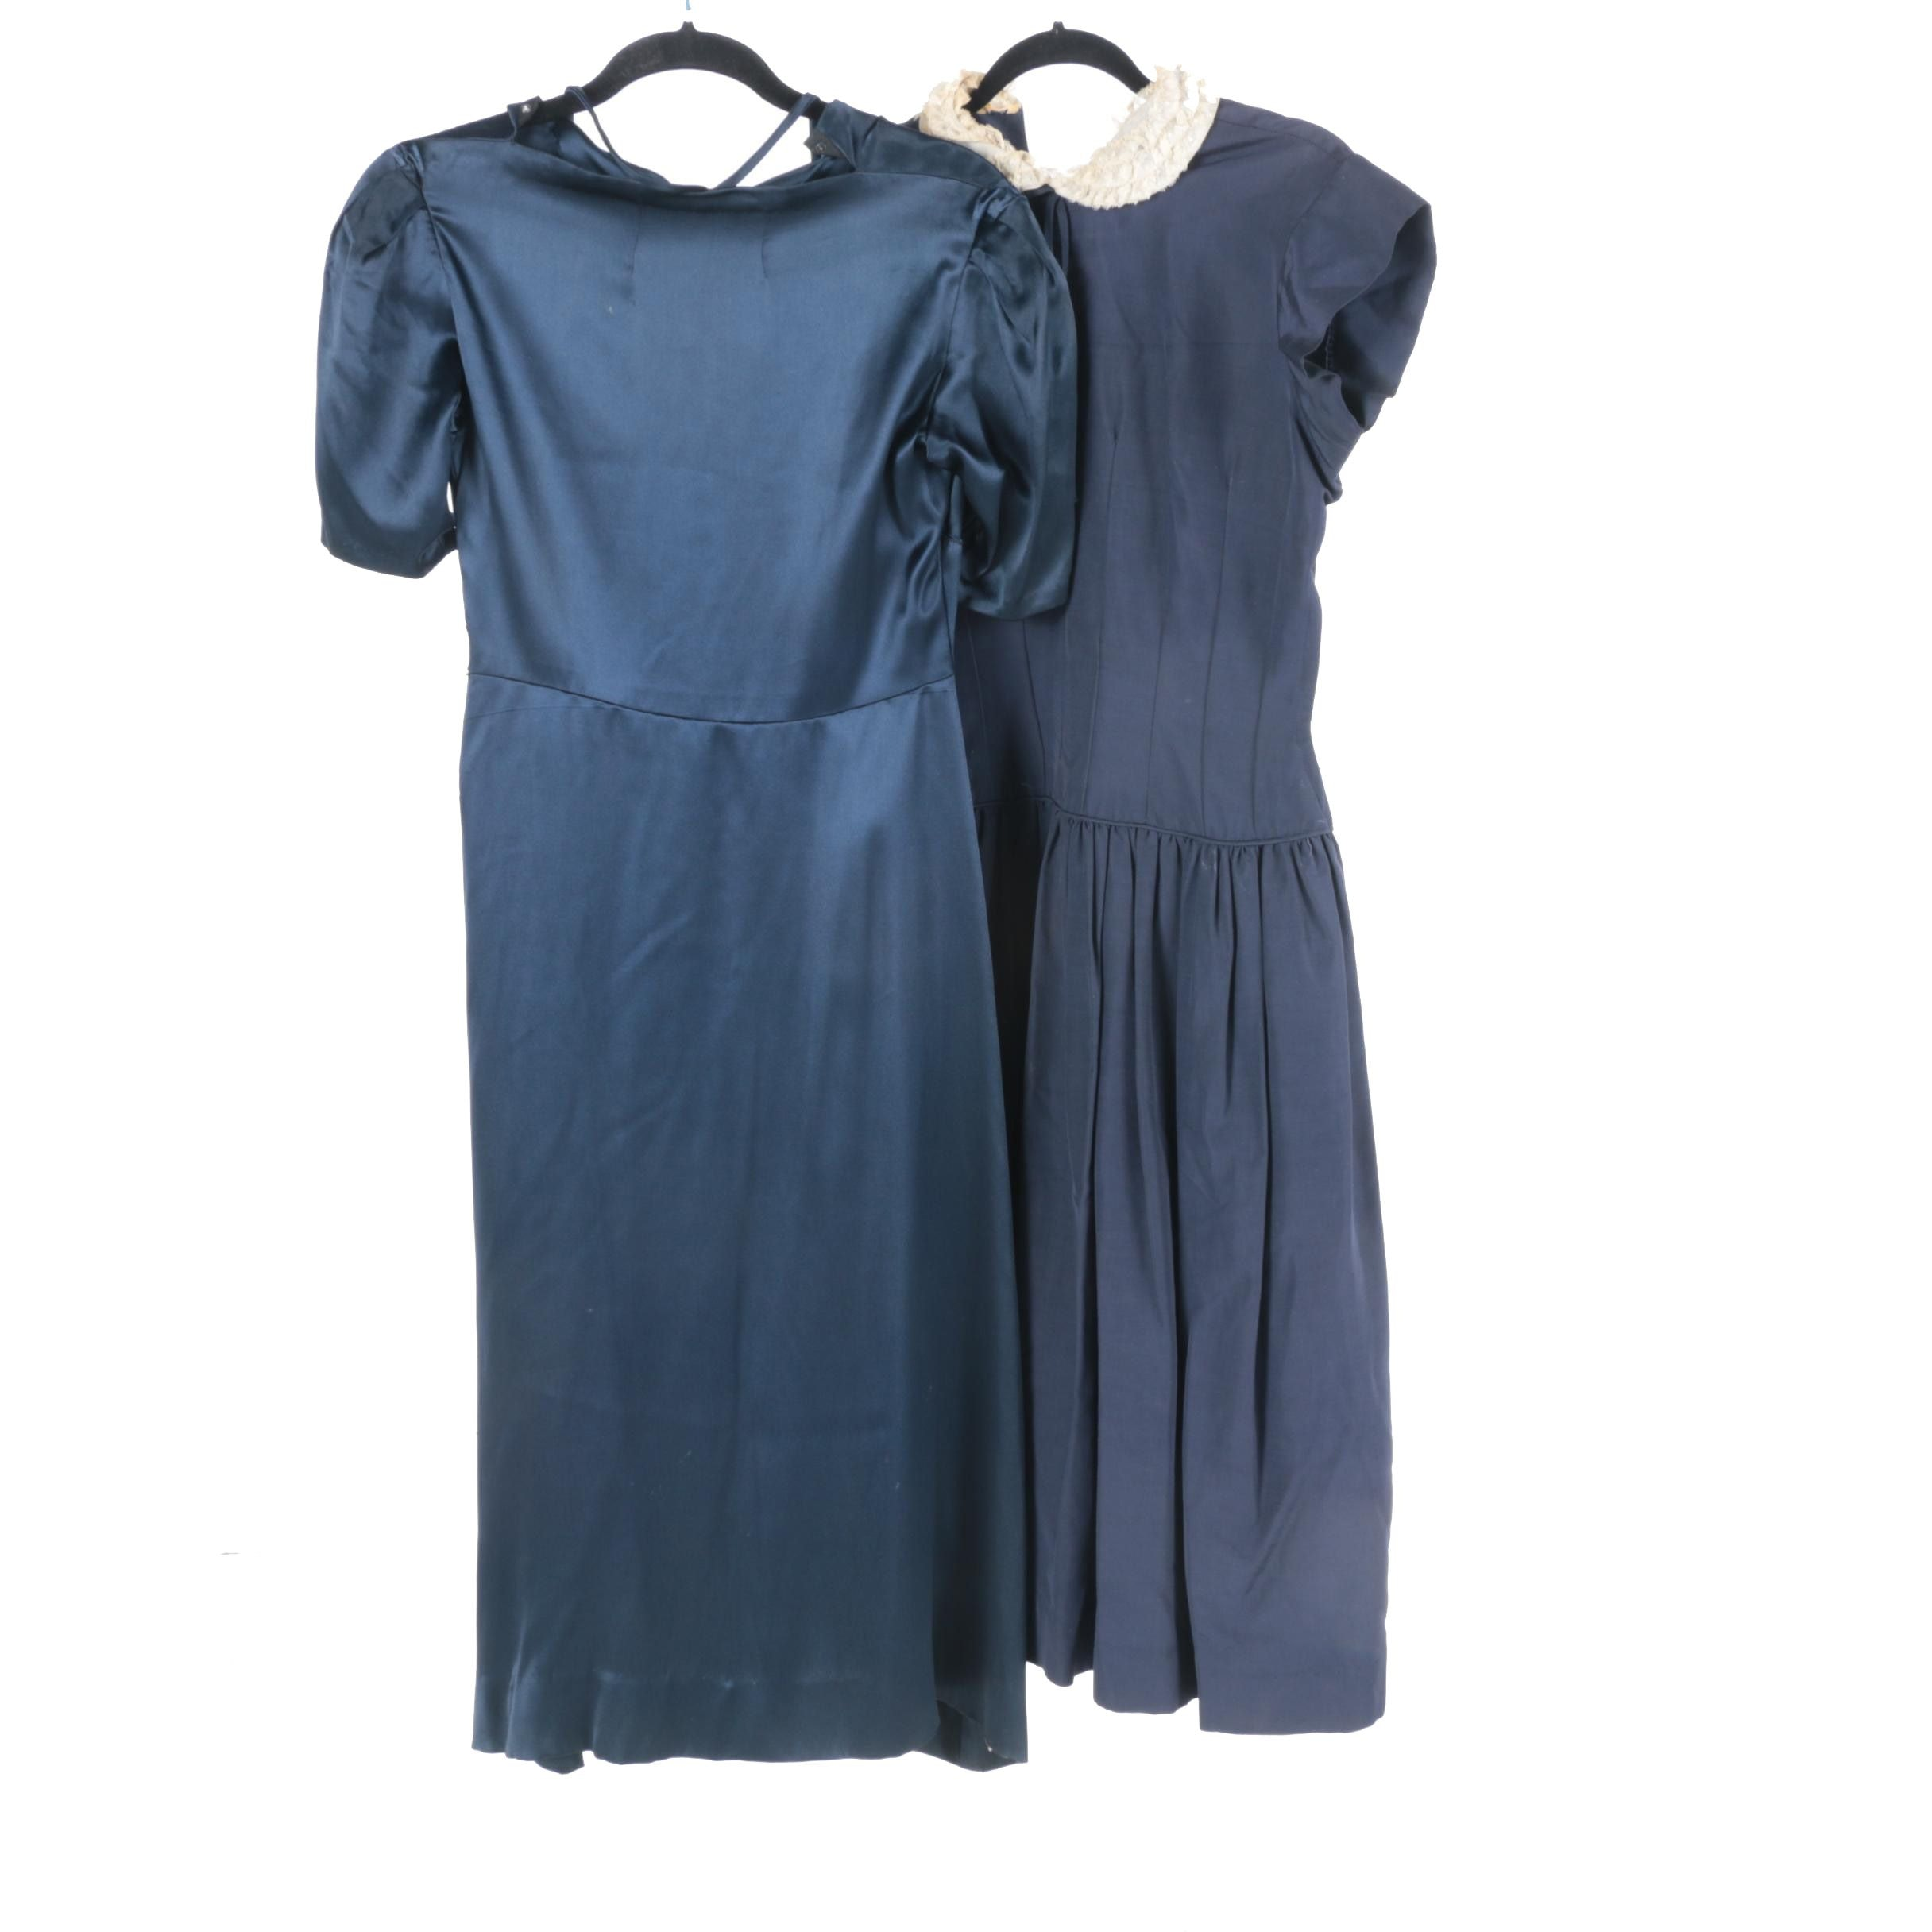 Pair of Navy Vintage Dresses